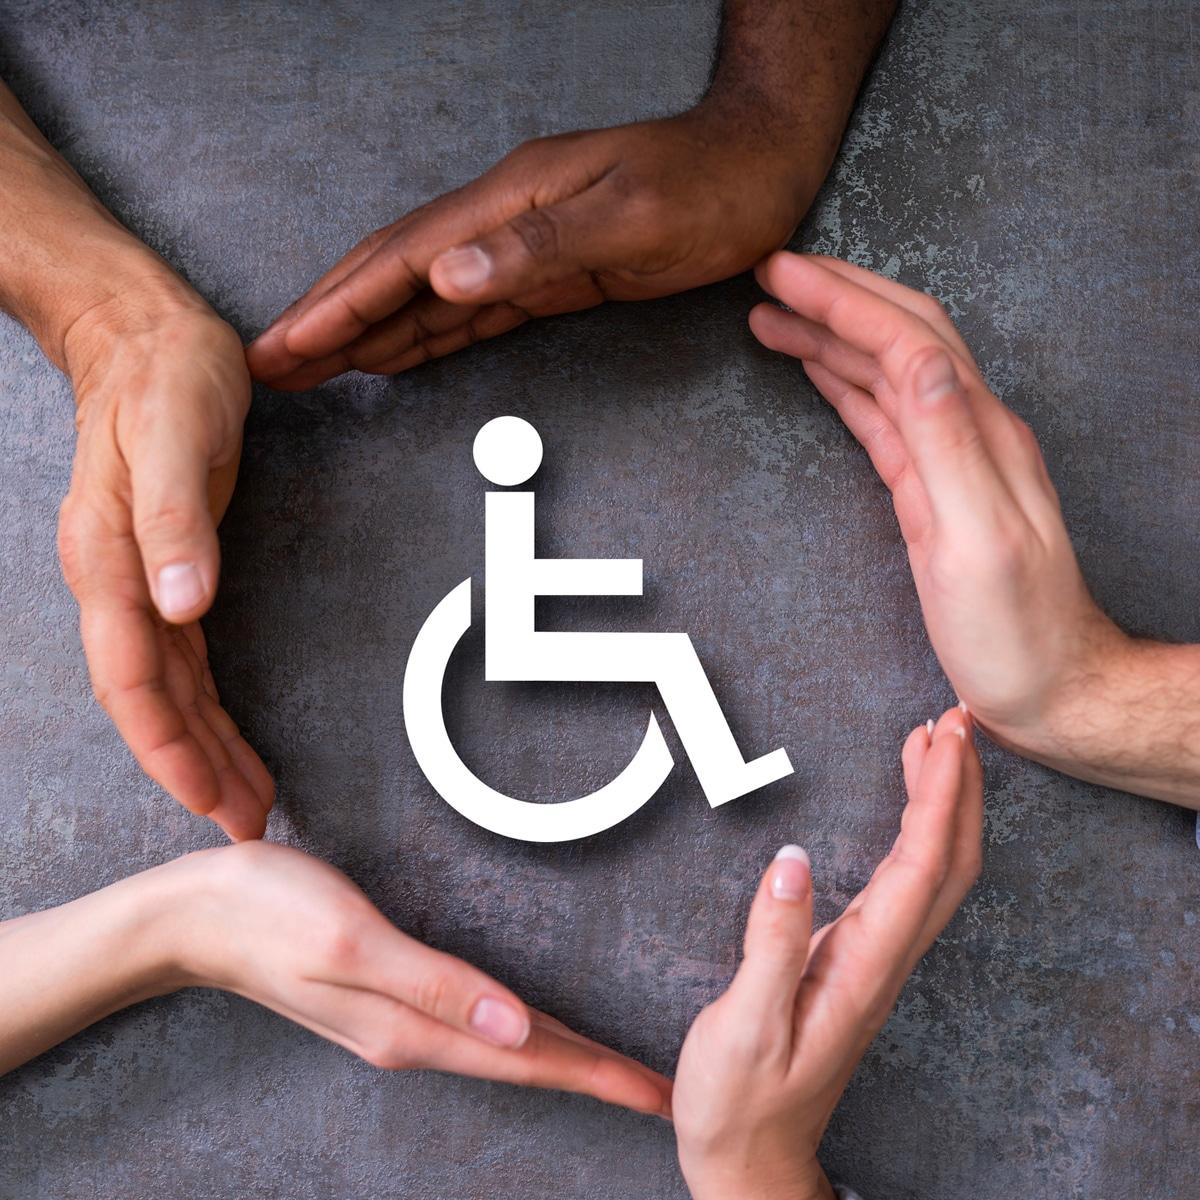 Disabili: Jobmetoo, sul lavoro cresciuta l'attenzione nei confronti delle categorie protette